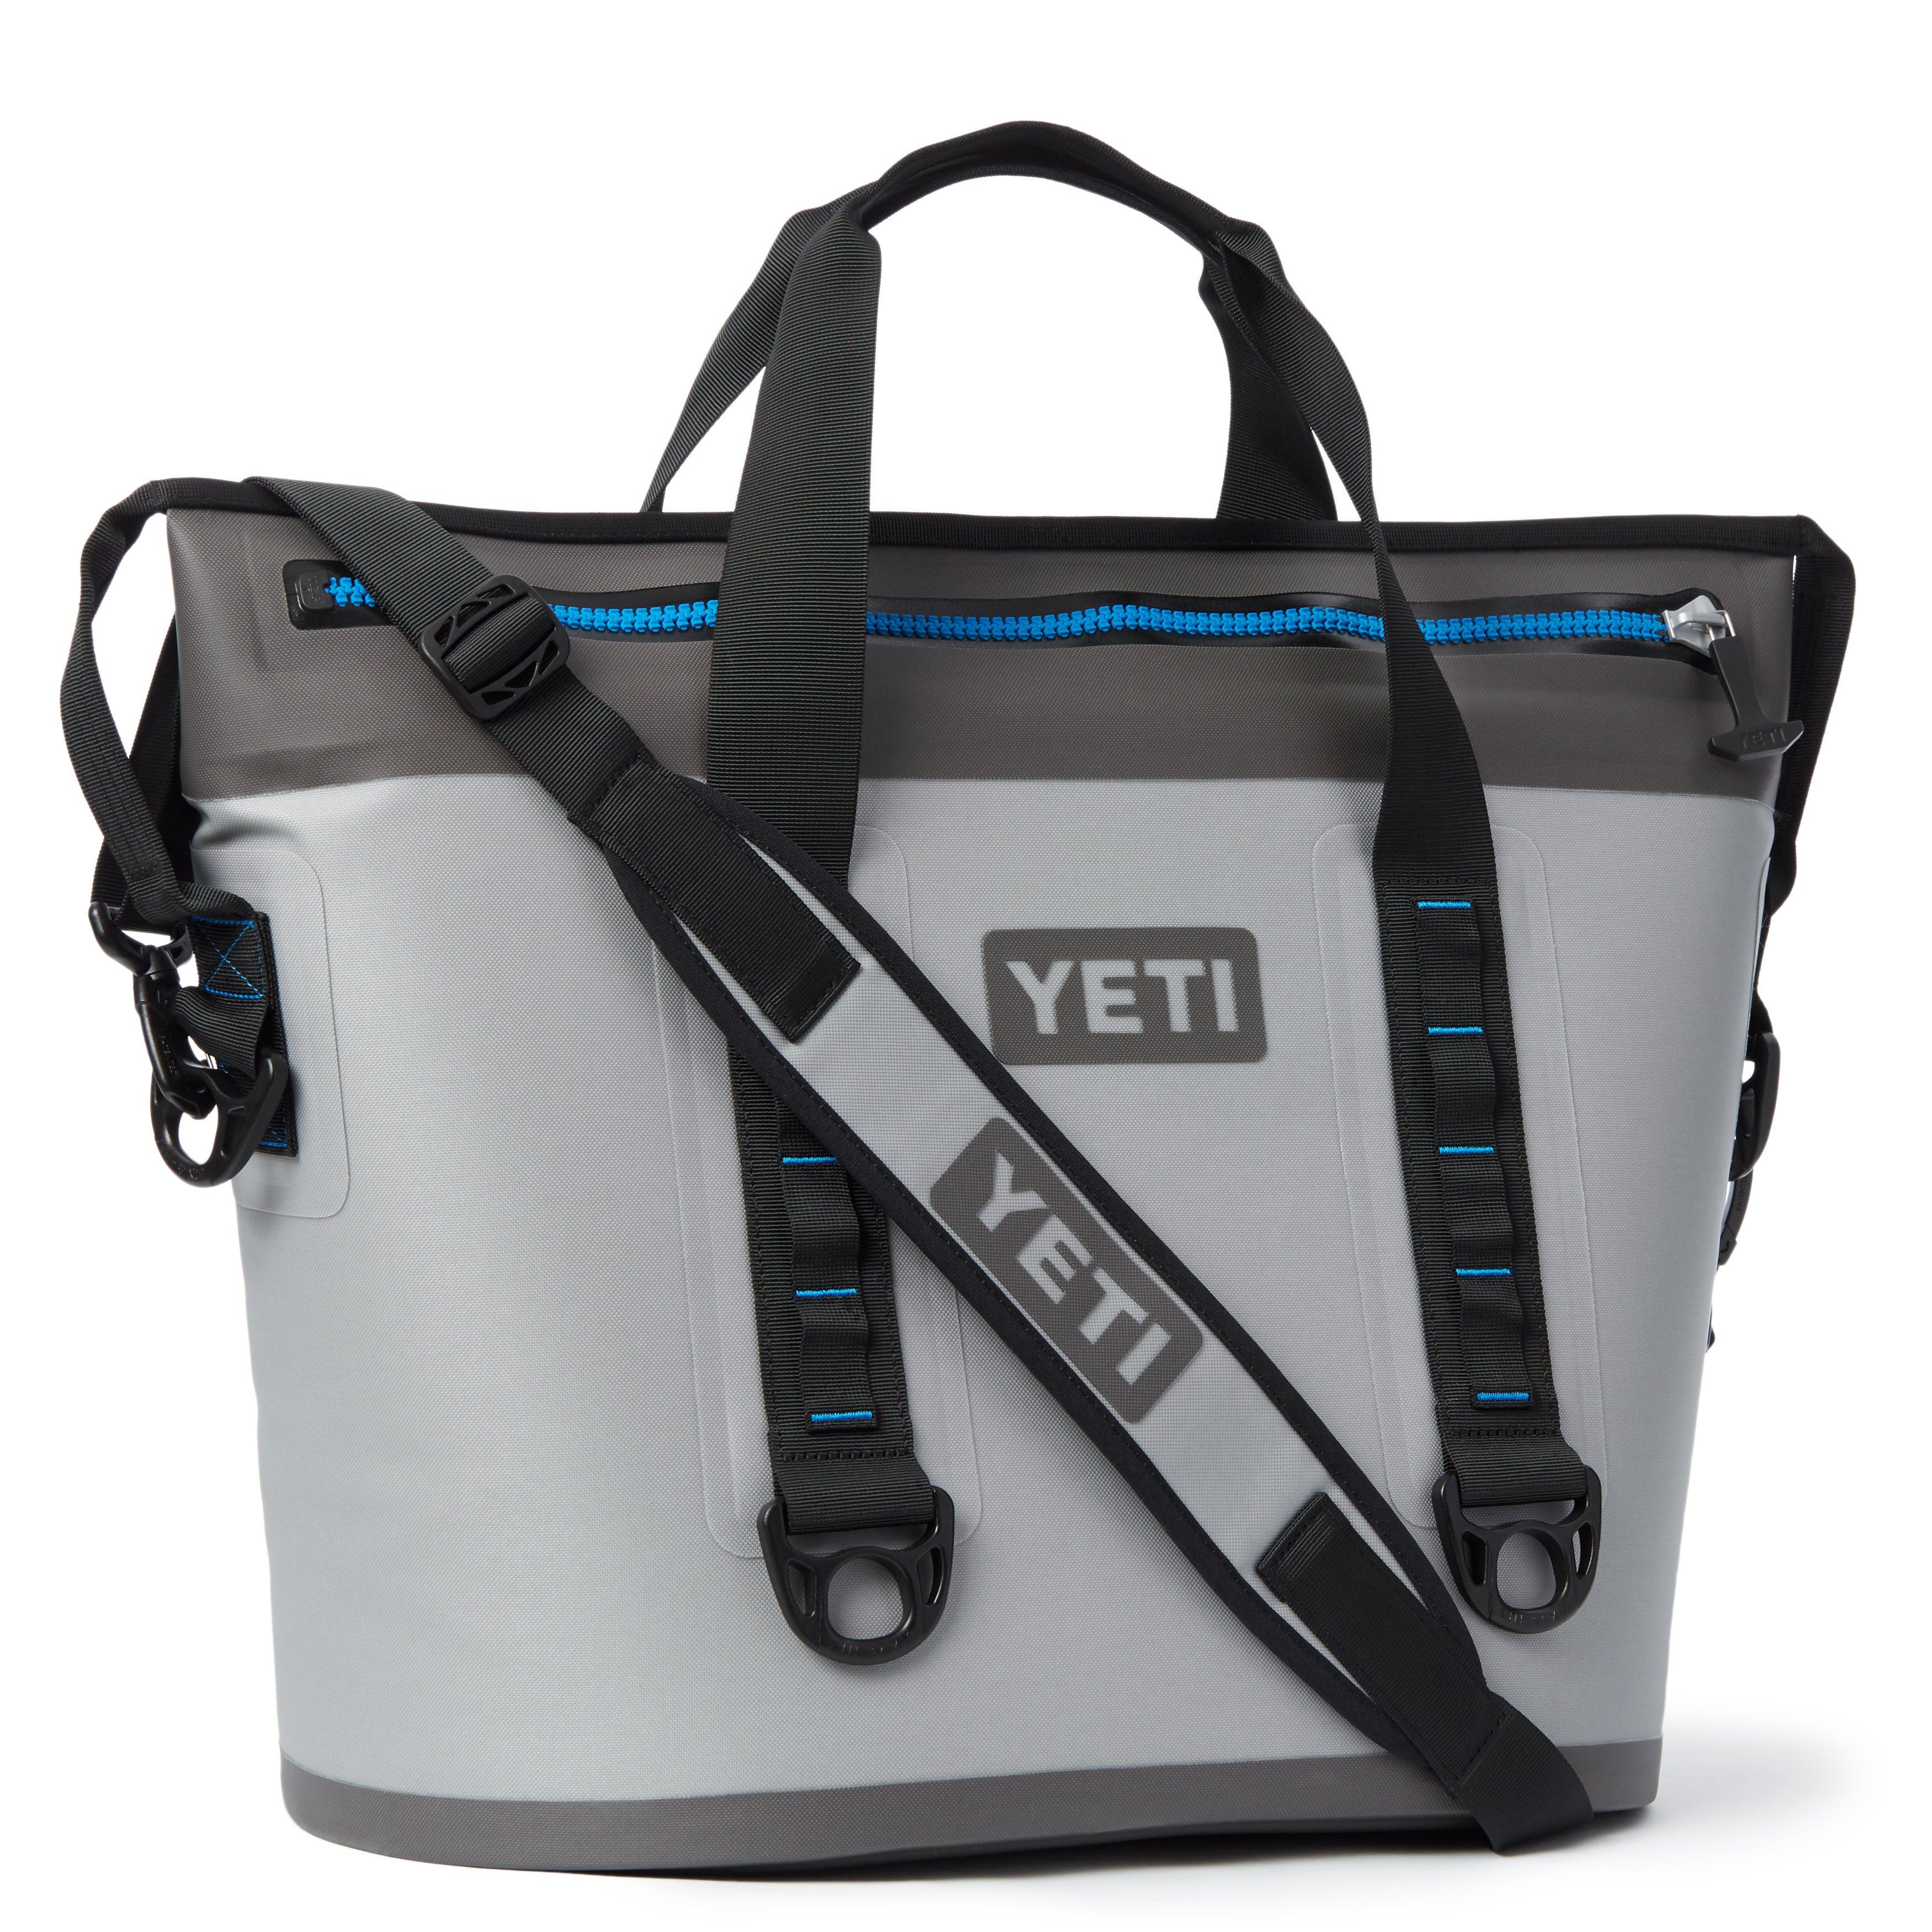 Yeti Hopper Two 30 Portable Soft-side Cooler (Fog Gray) (...